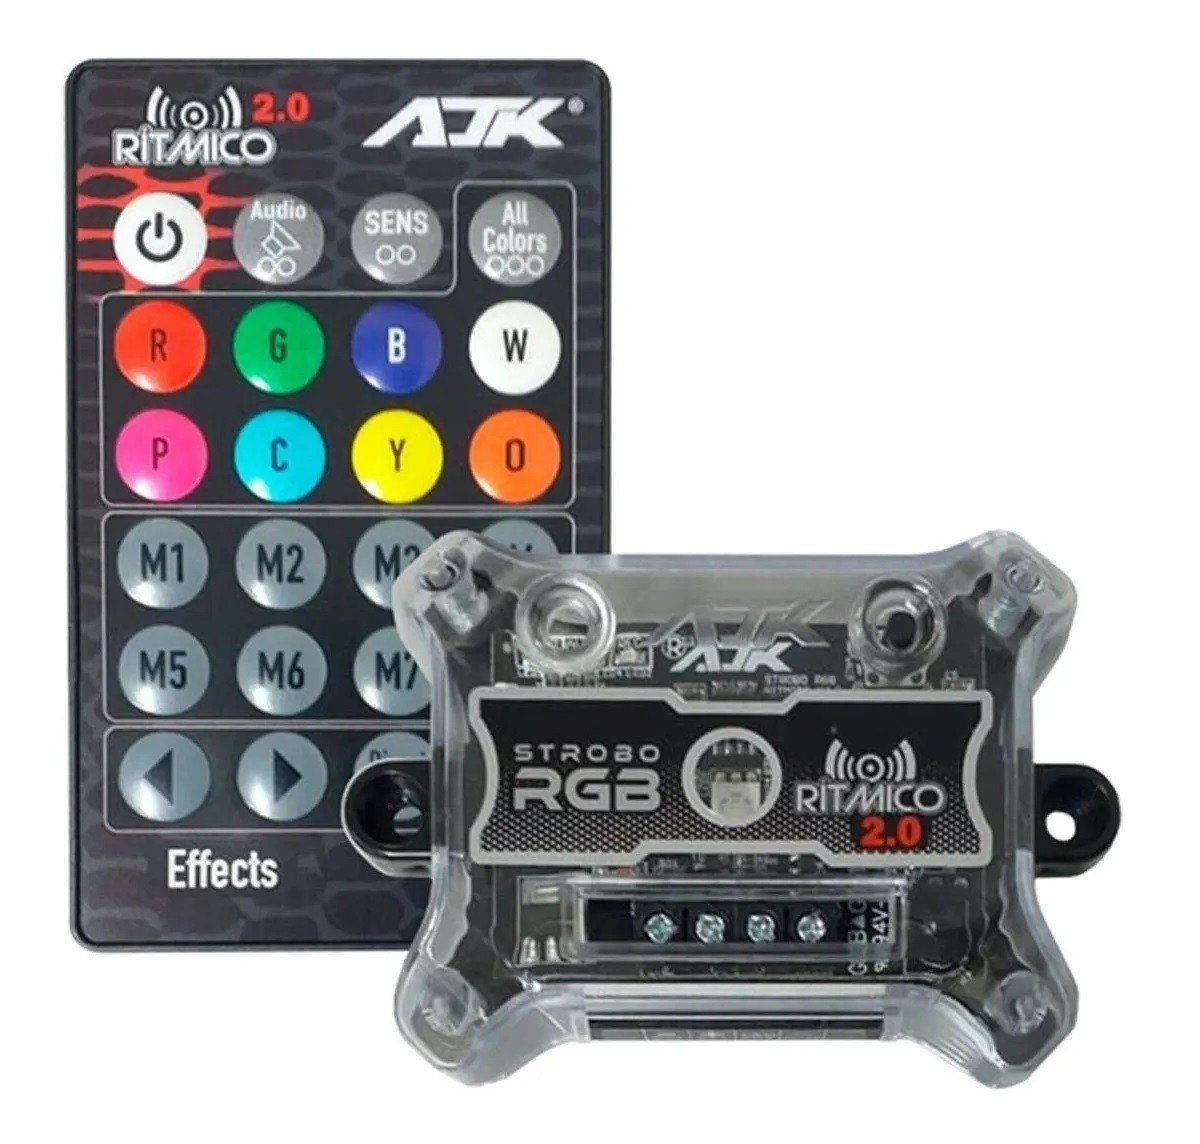 Kit Strobo AJK RGB 7 Cores Ritmico 2.0 (1 Central + 1 Controle + 2 Strobos RGB)